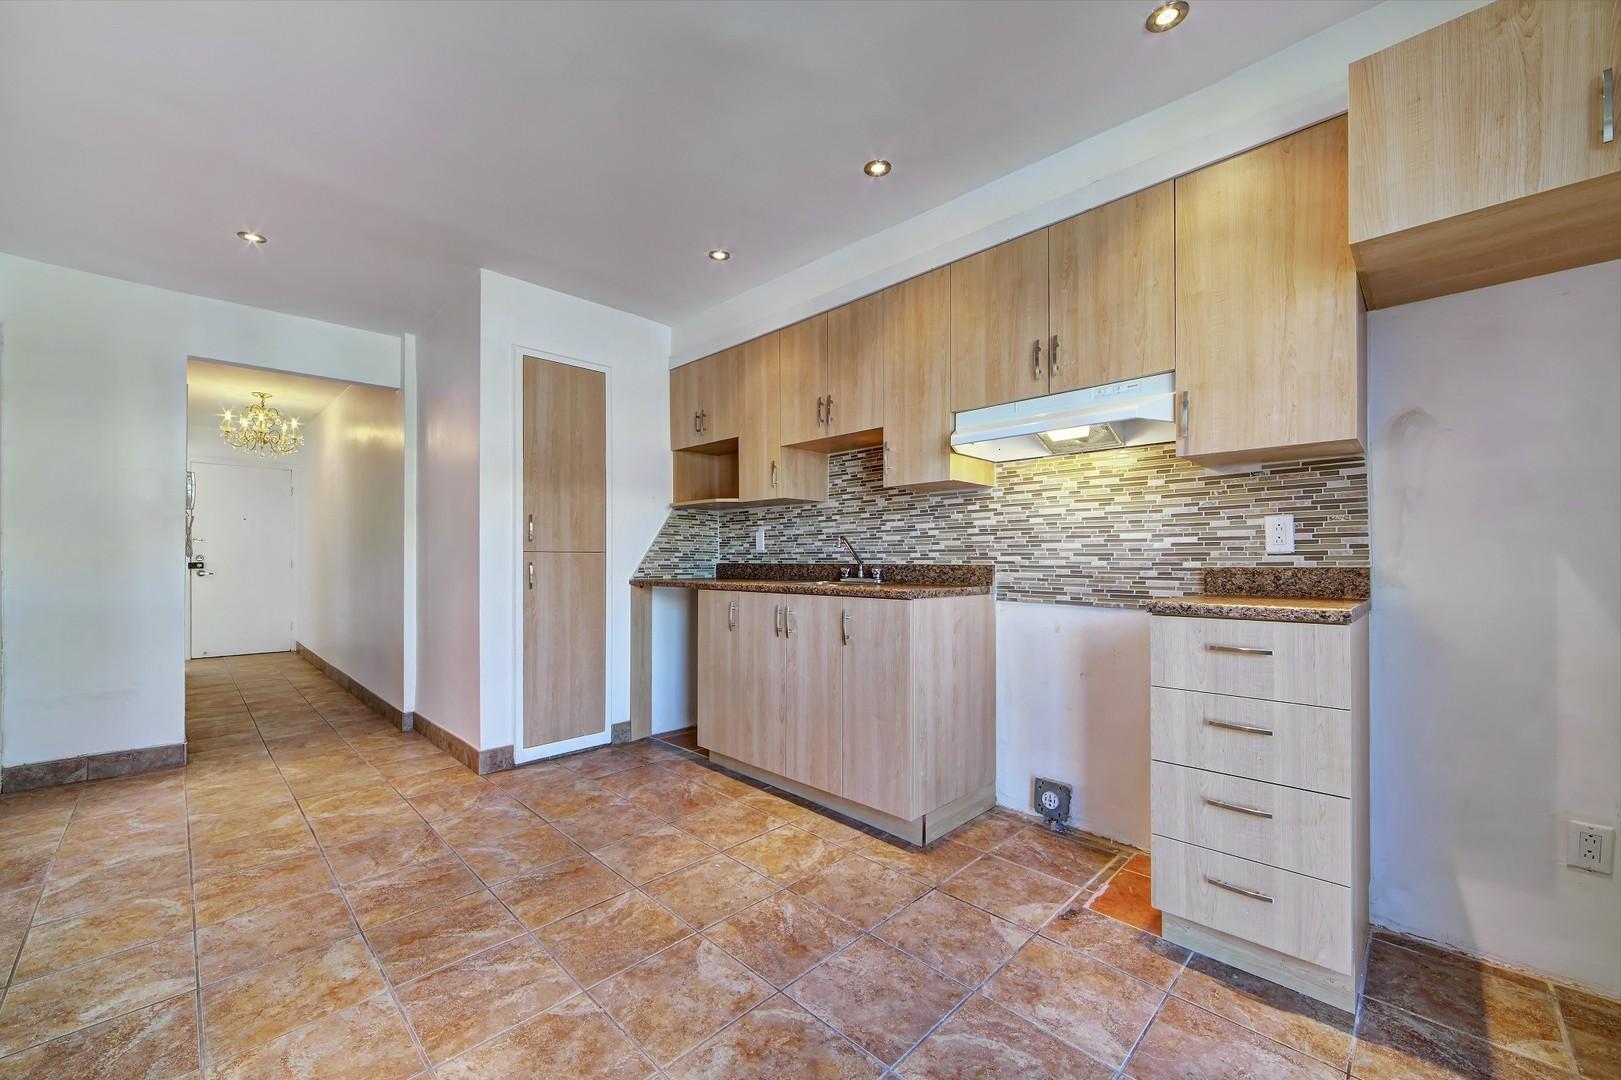 image 11 - Apartment - For rent - Montréal  (Mercier) - 4 rooms